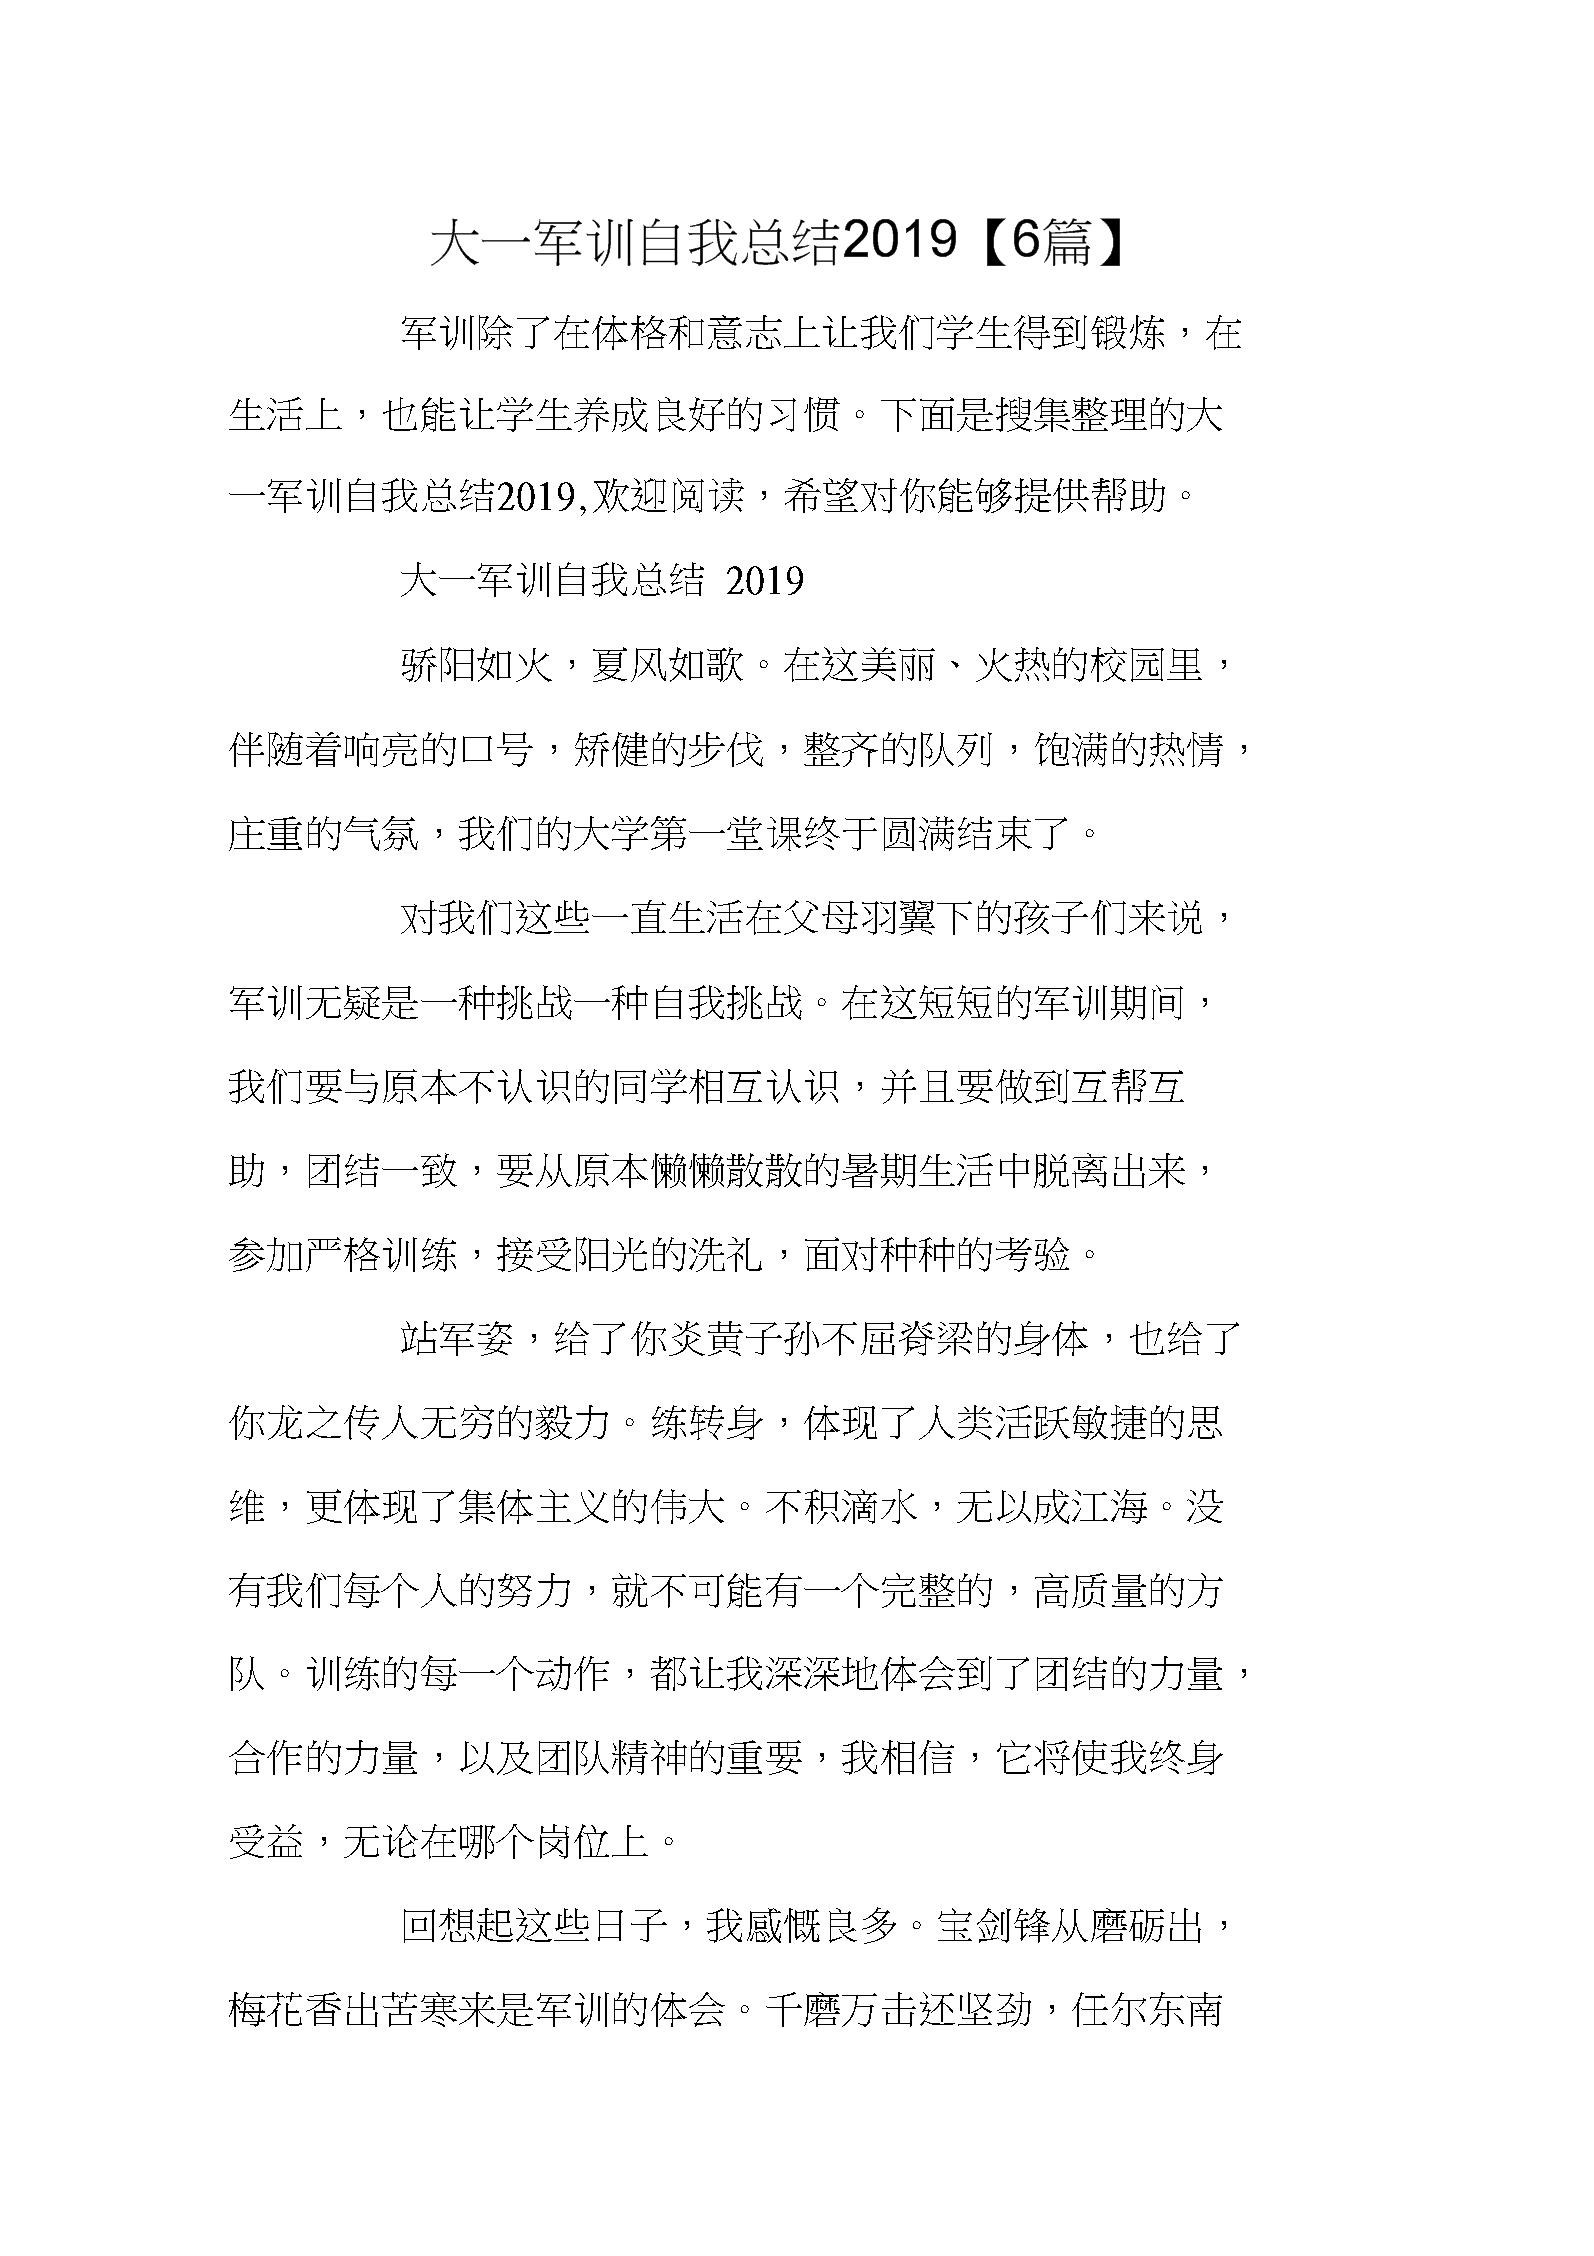 大一军训自我总结2019【6篇】.docx